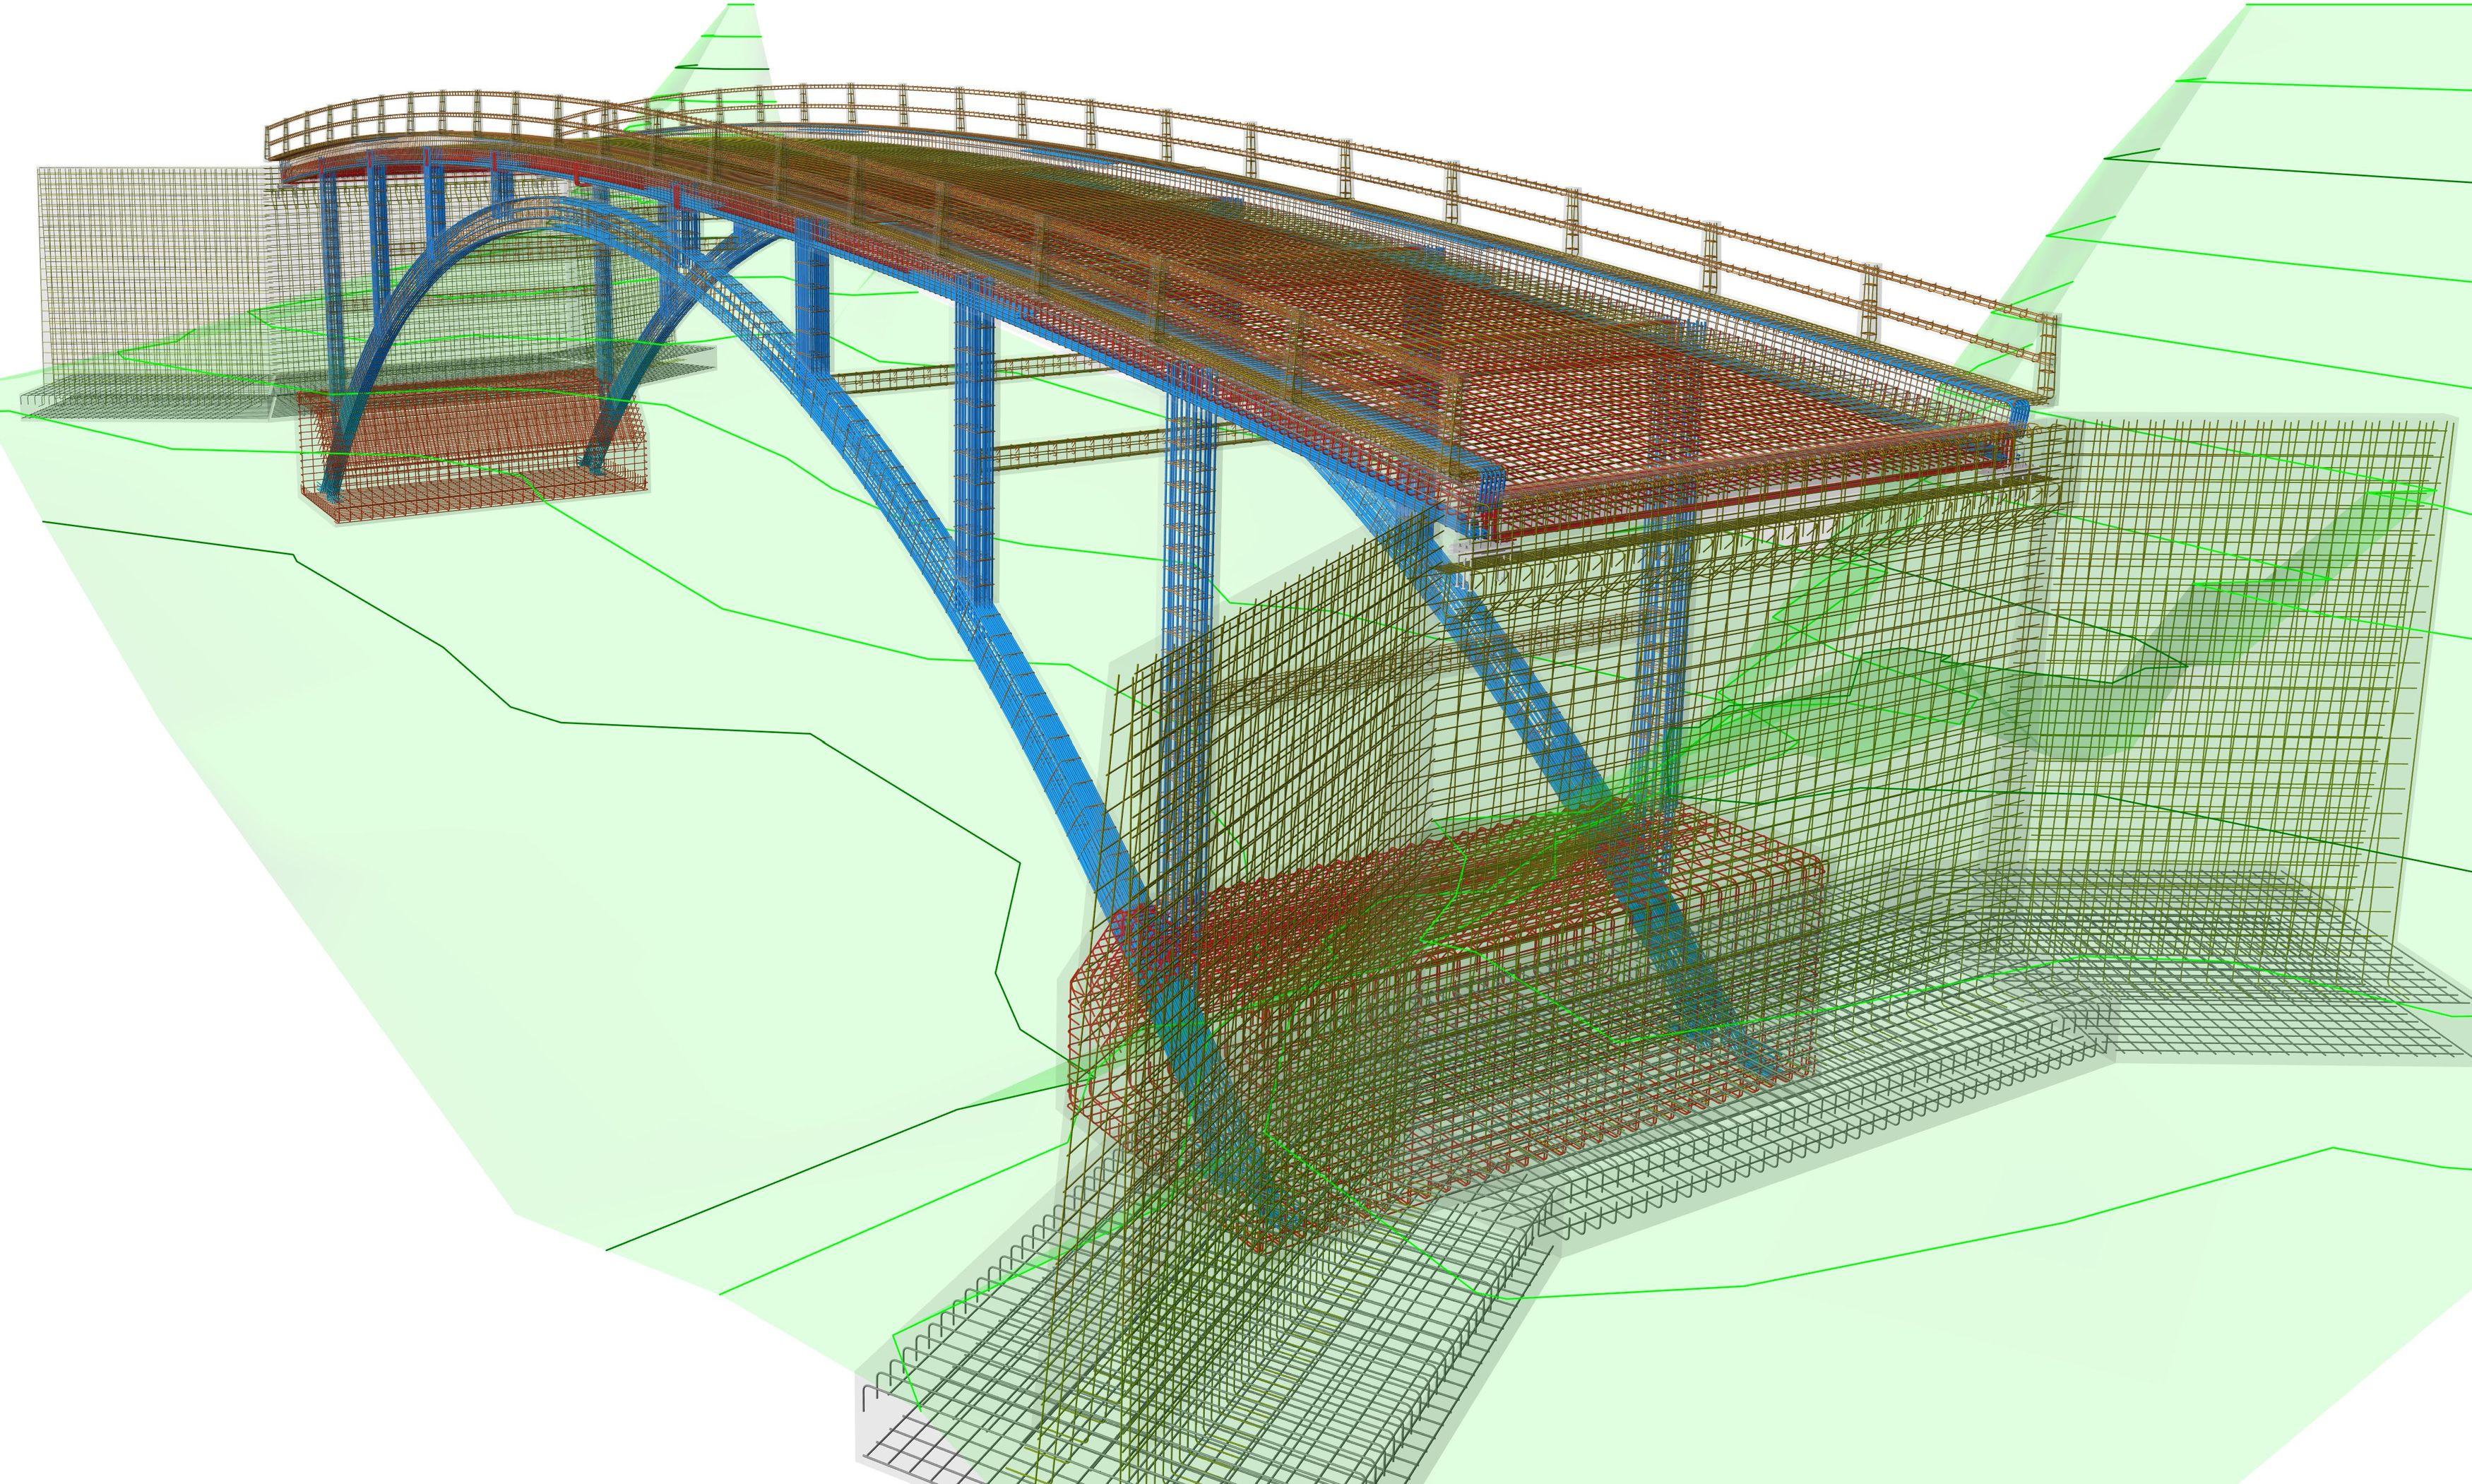 Puente-jkr---ds01-3500-3500